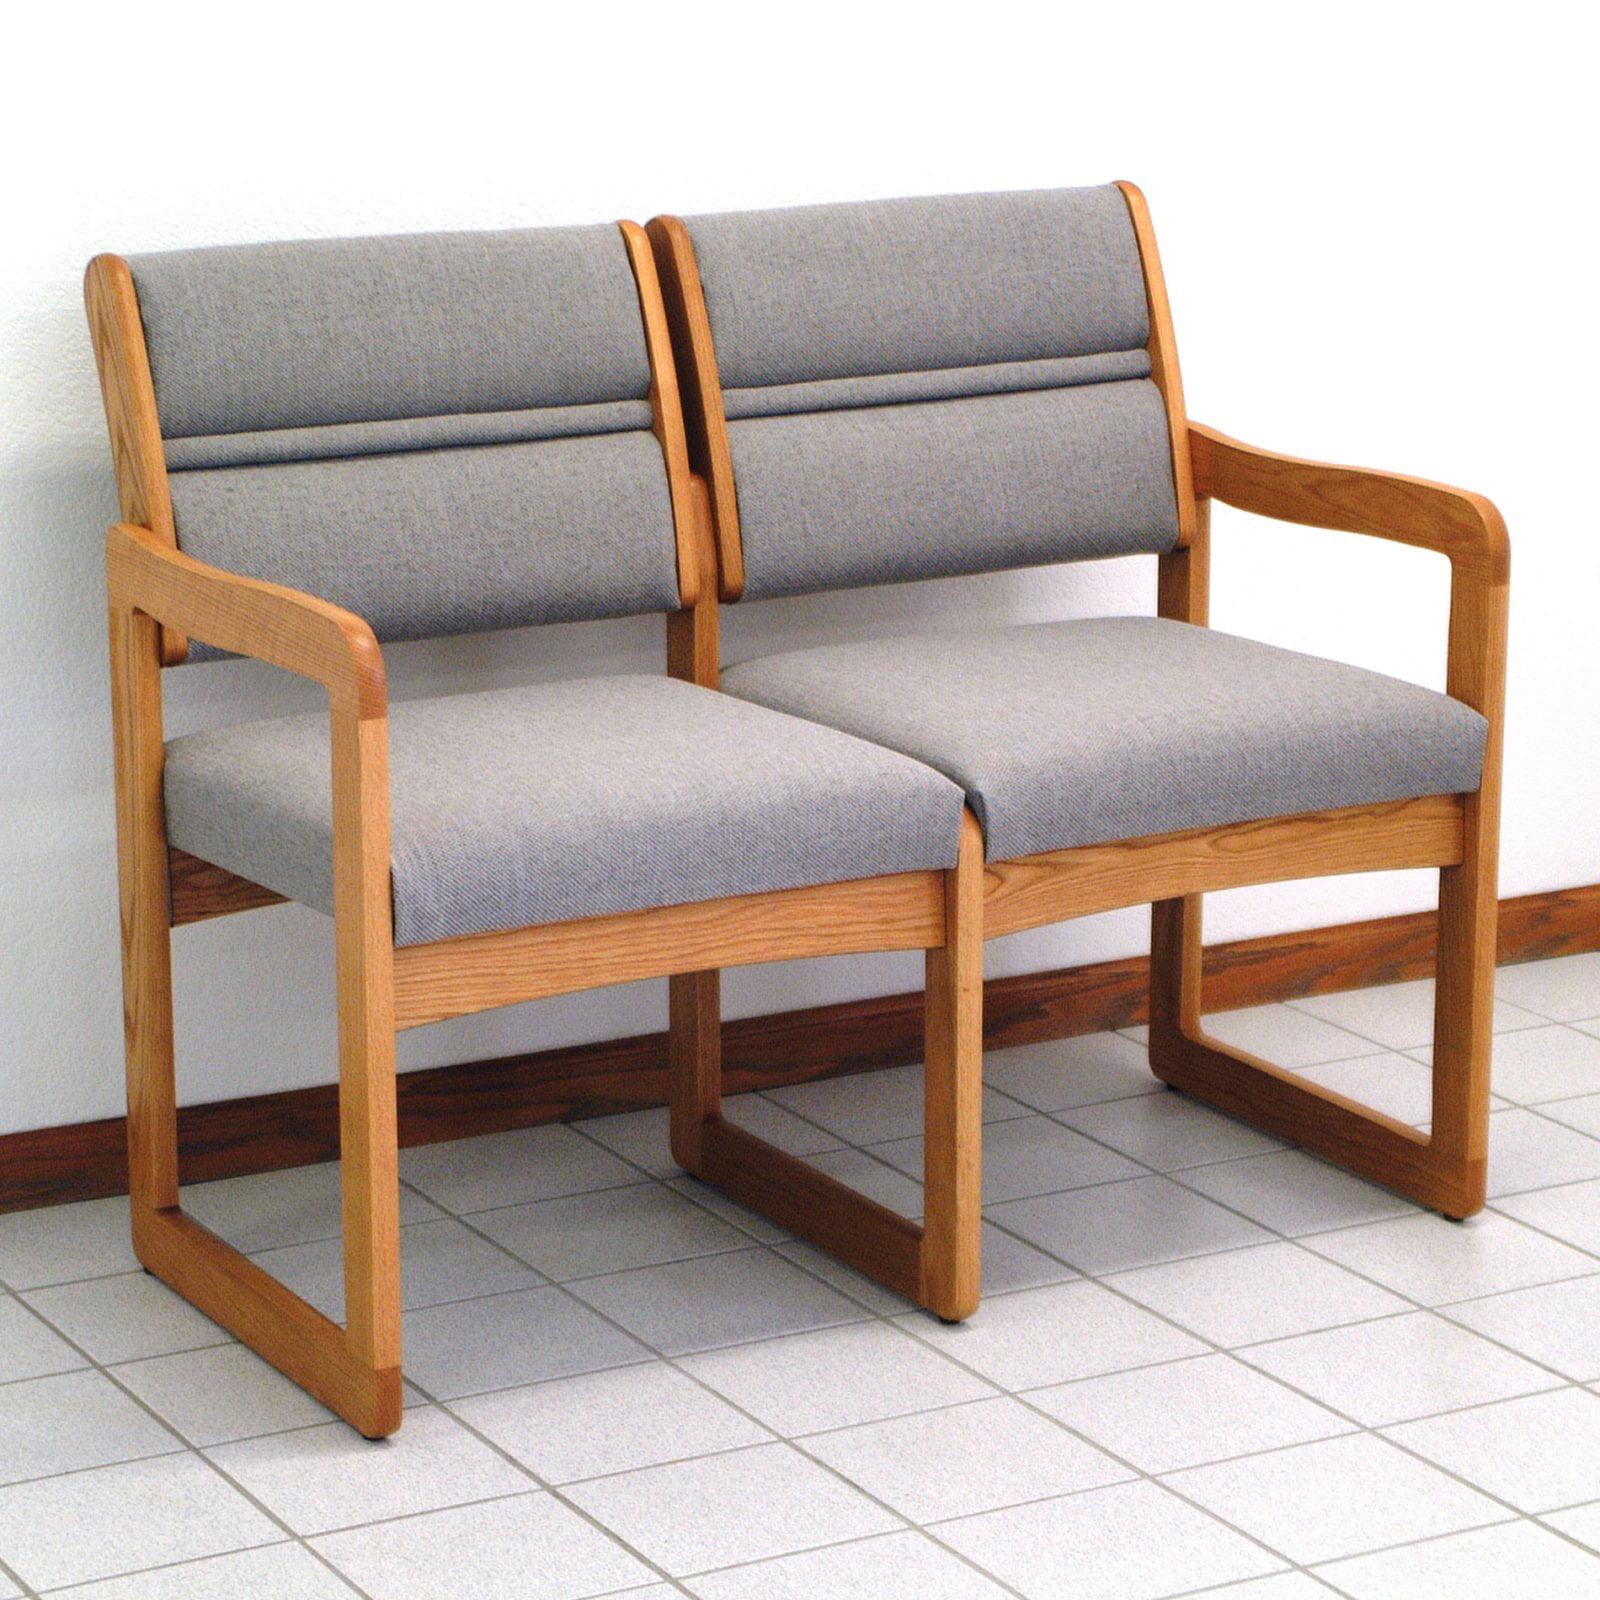 Seat Mallit